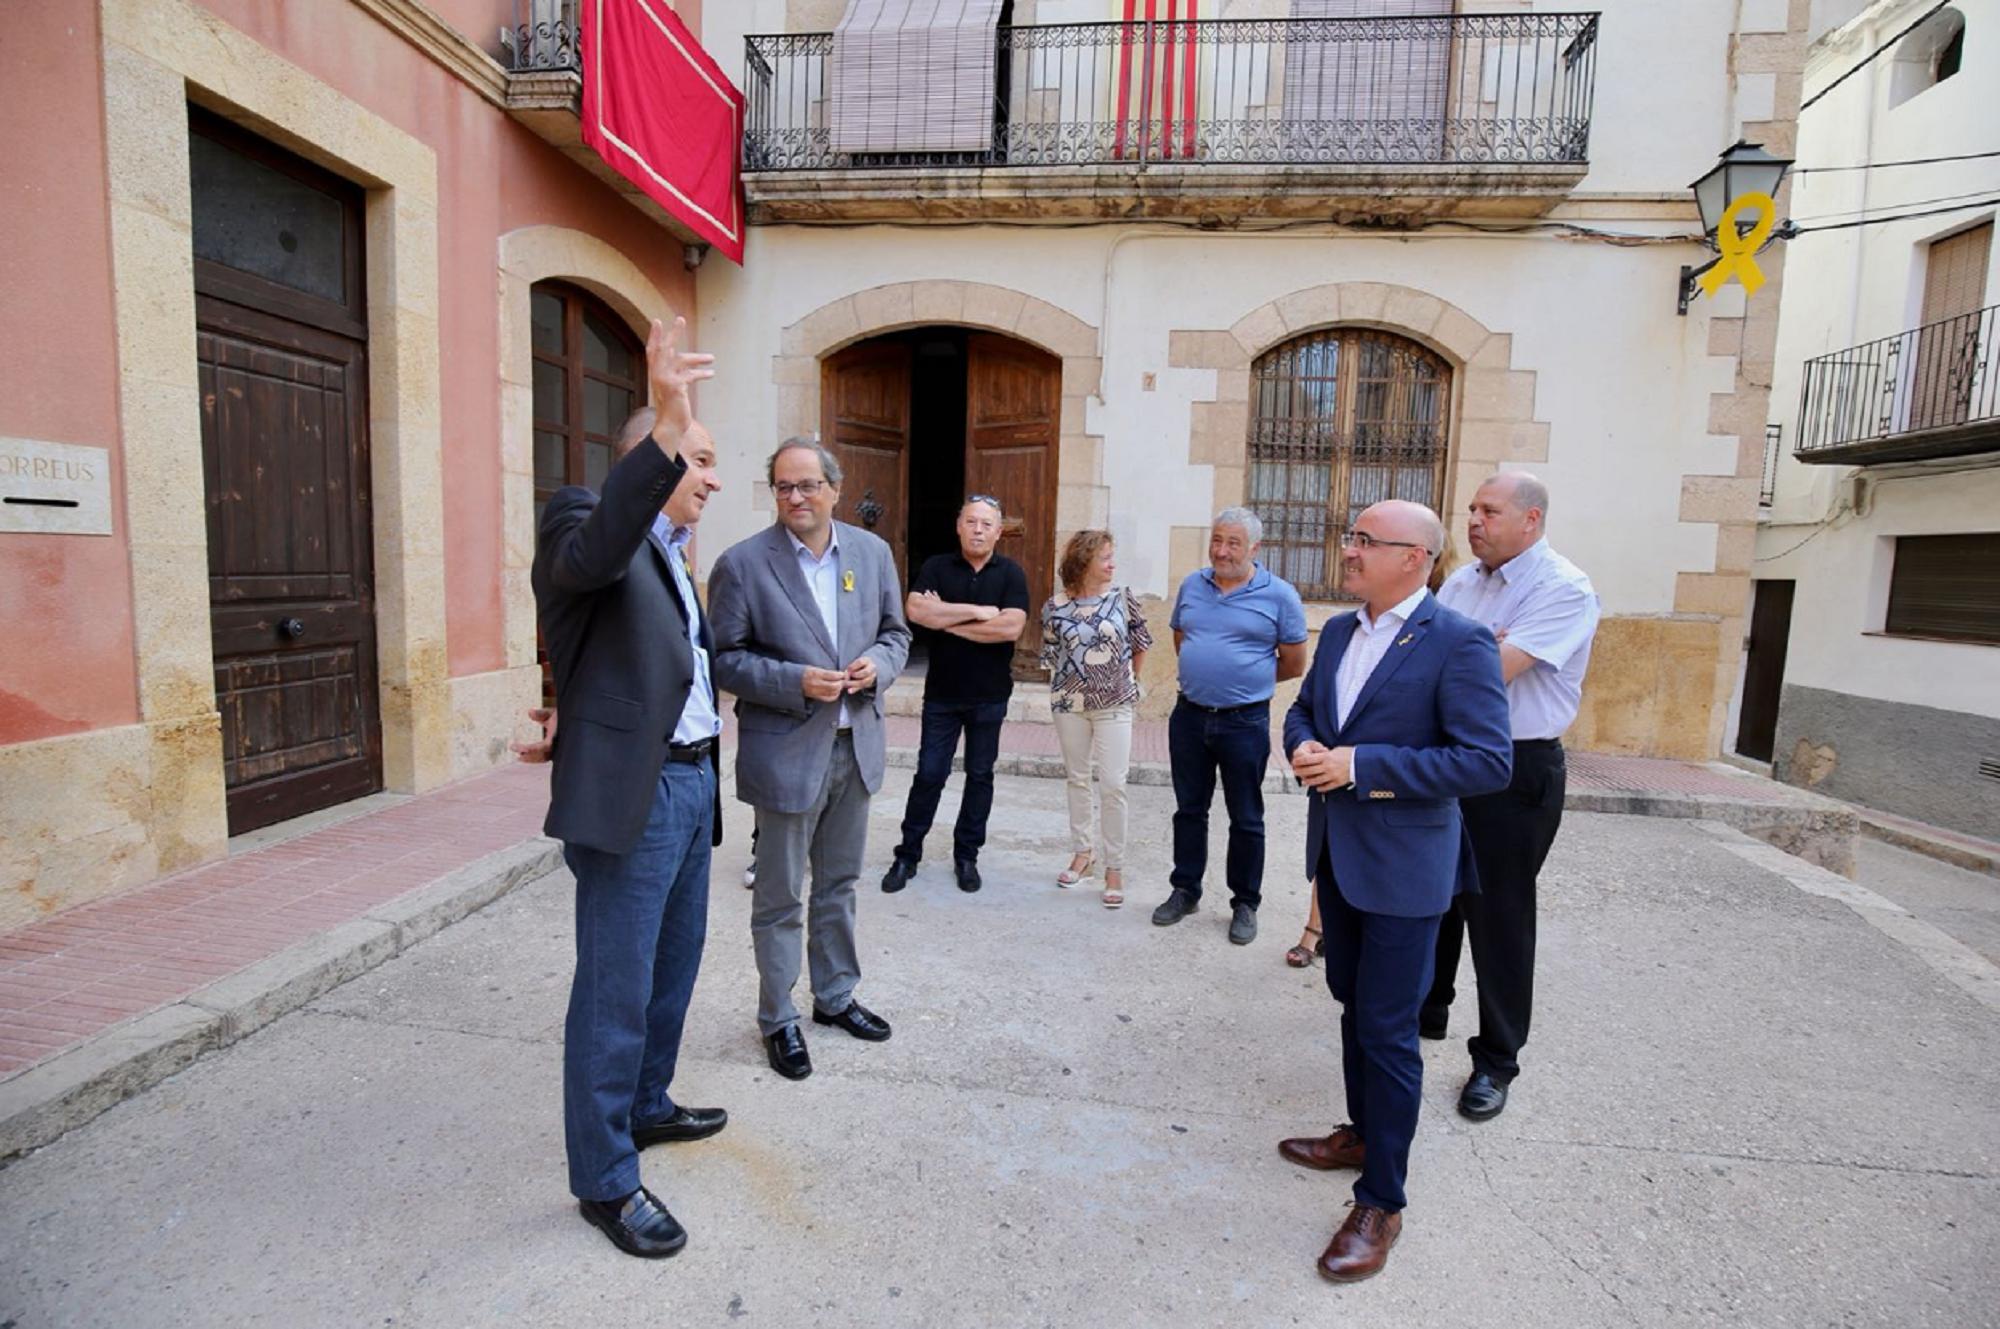 El Nacional   Torra Catllà @govern